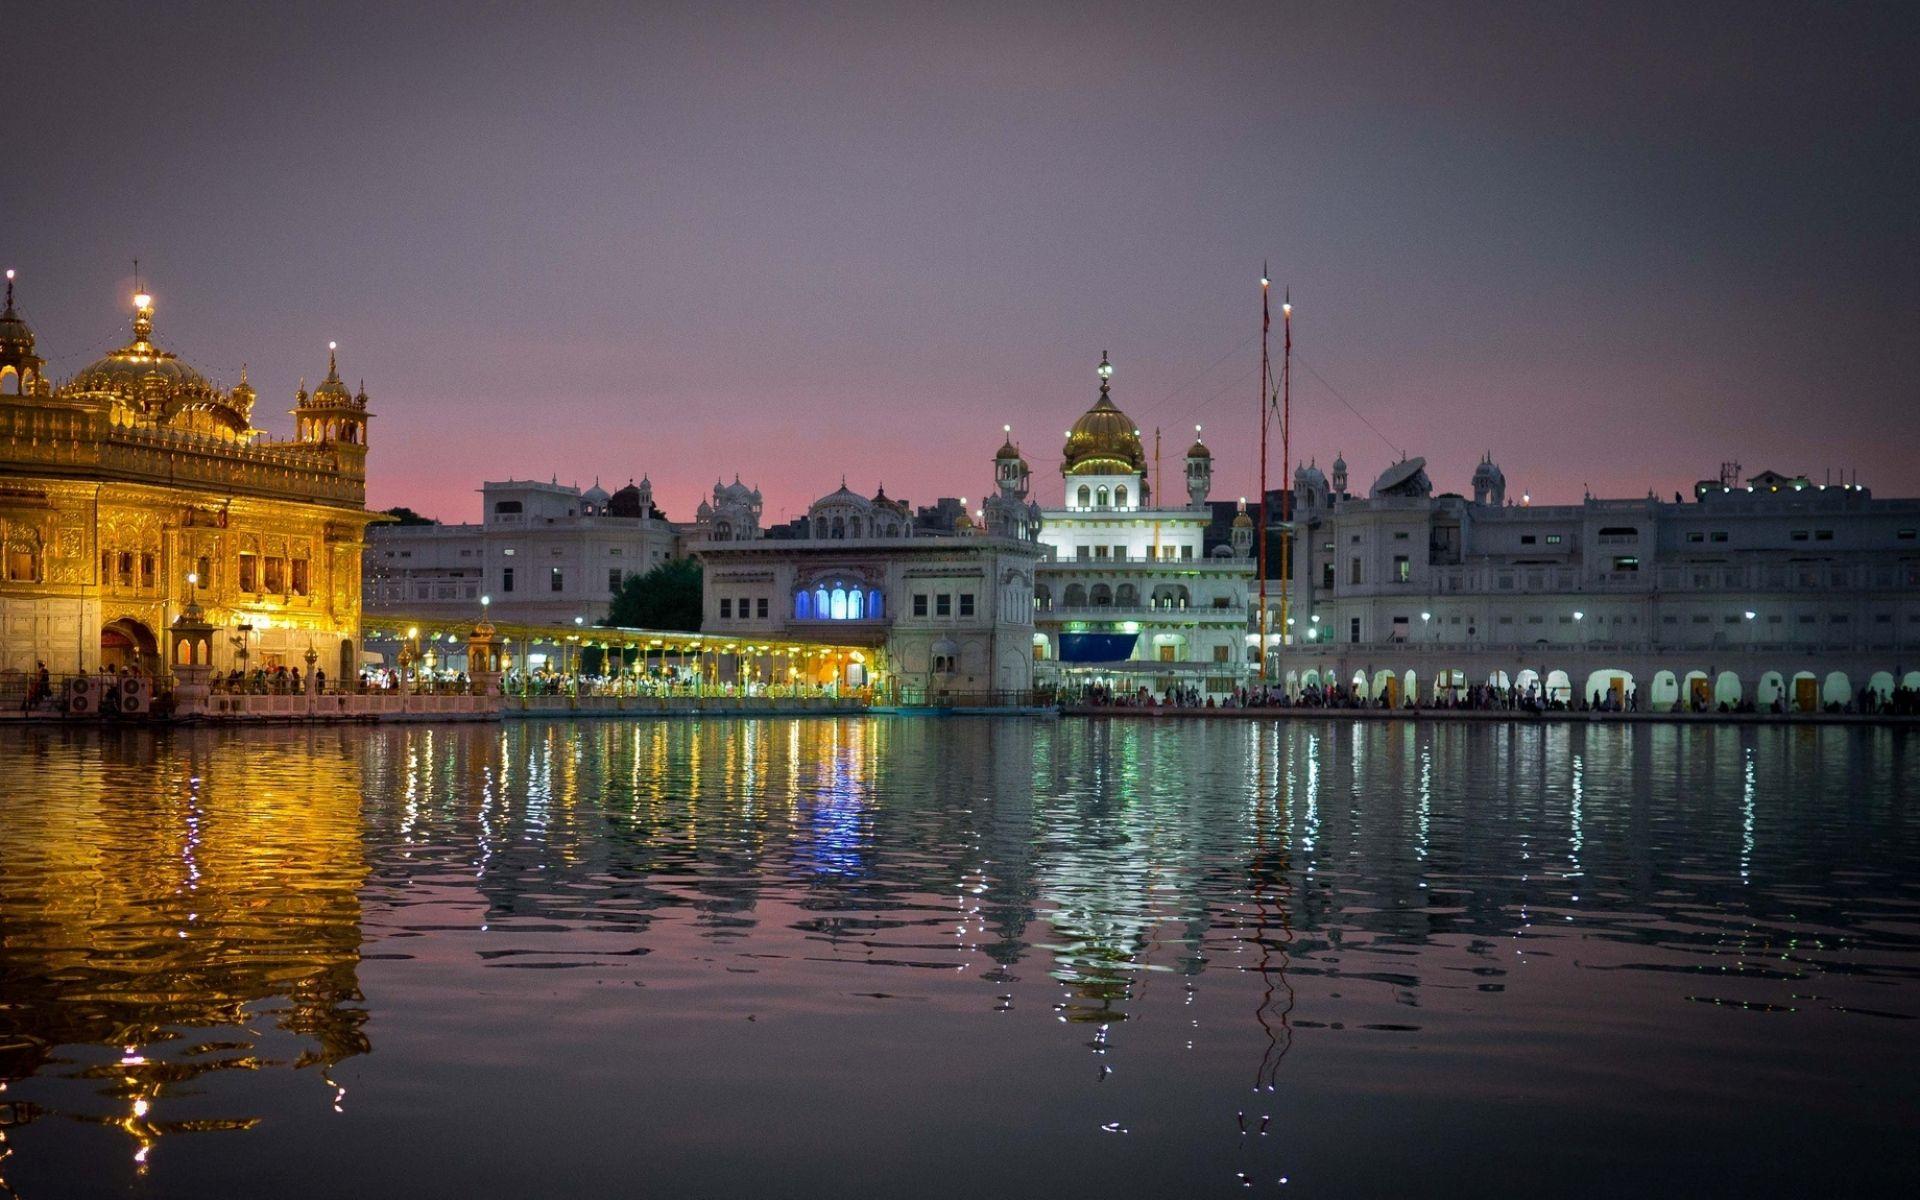 Hd wallpaper india - Amritsar India Punjab City View Hd Wallpaper Free